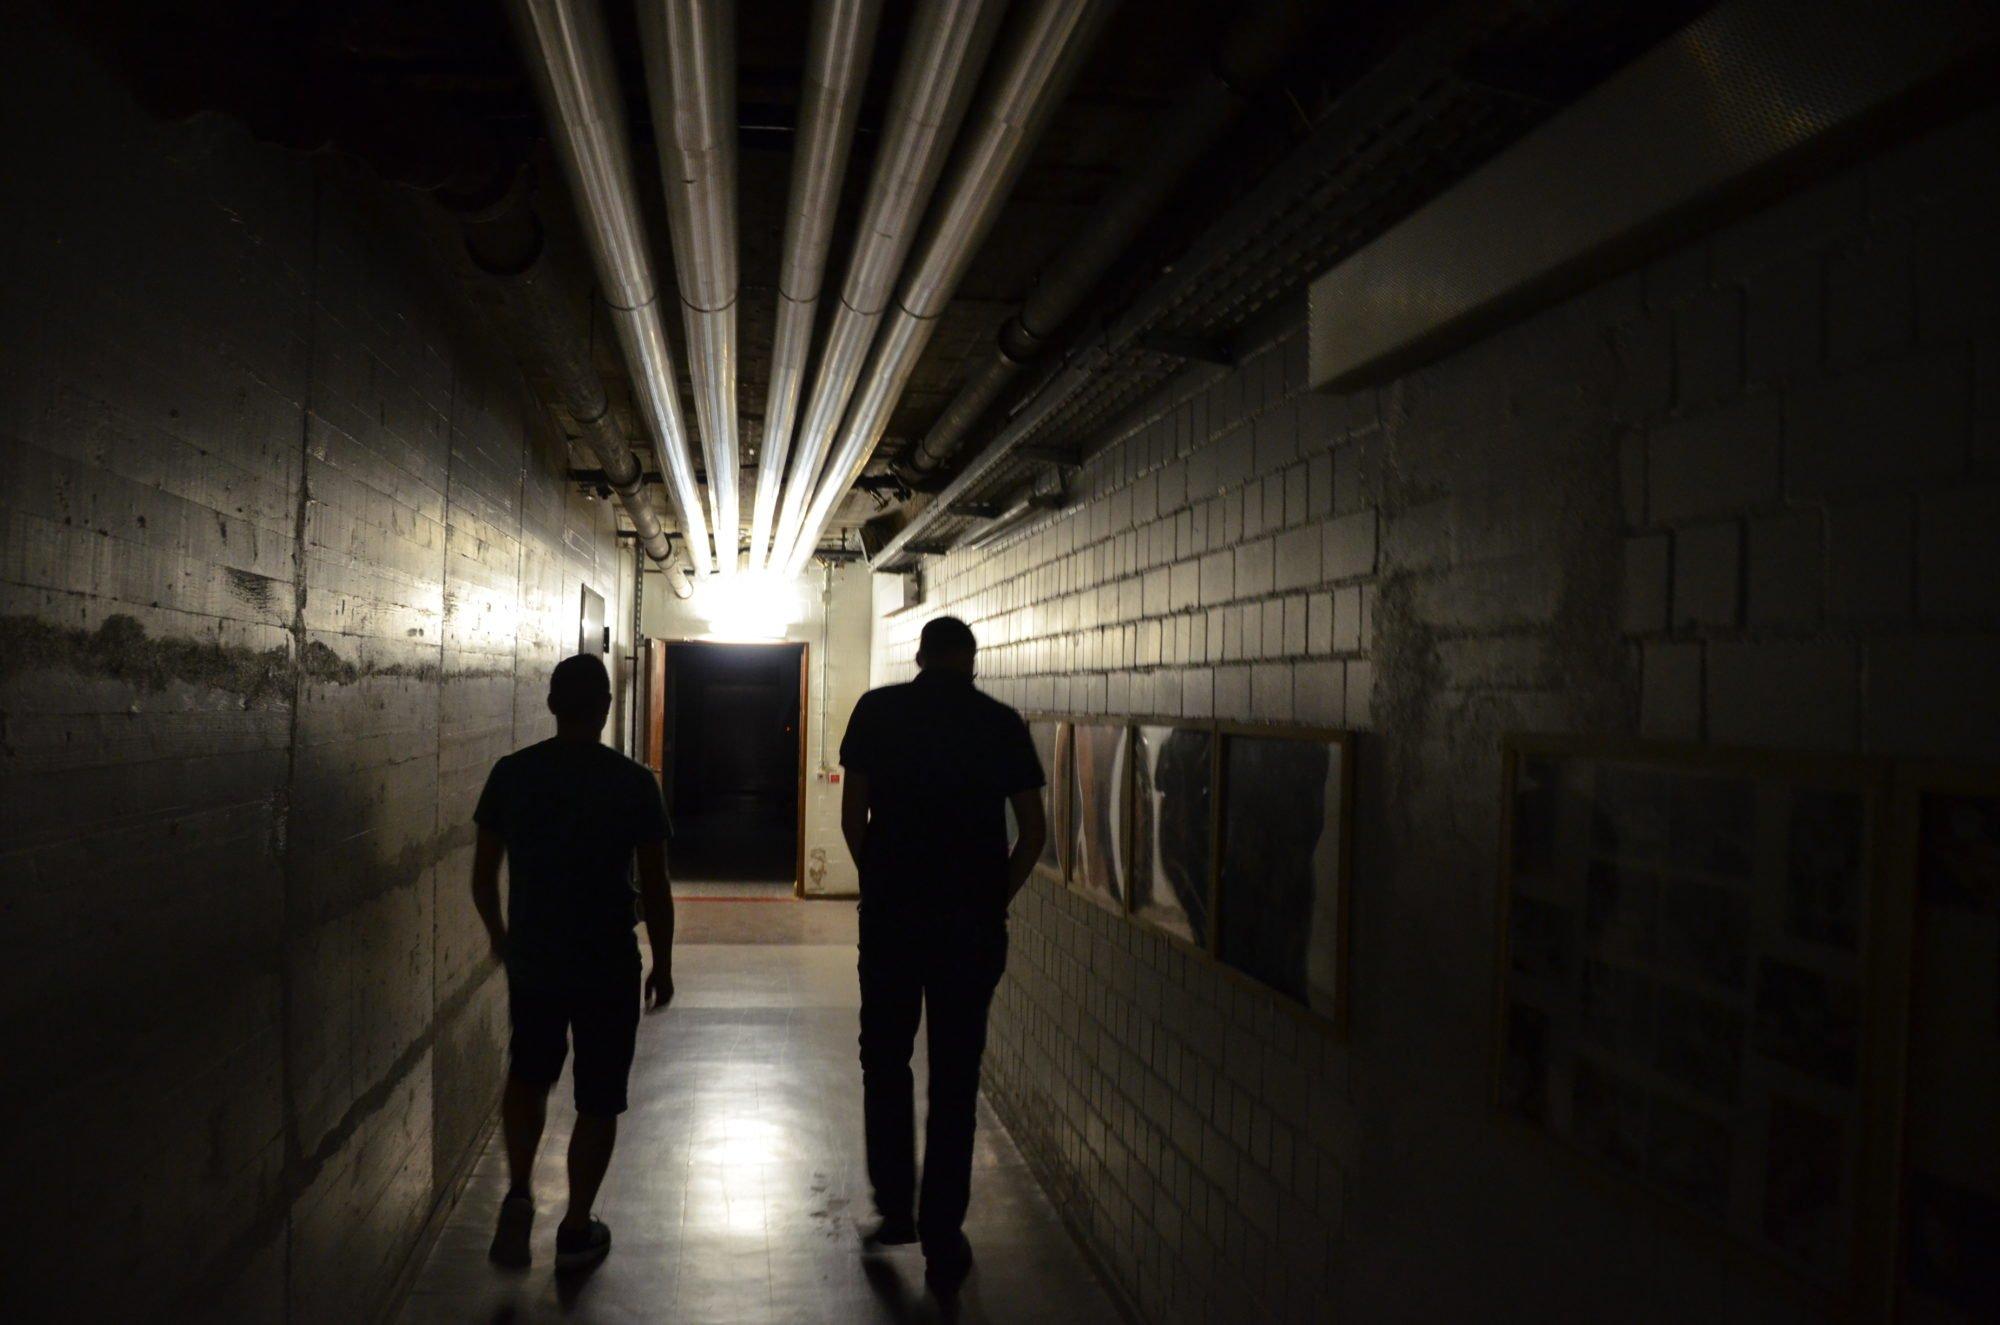 Marco Noack und Sebastian Weiner in einem schwach beleuchteten Kellergang.